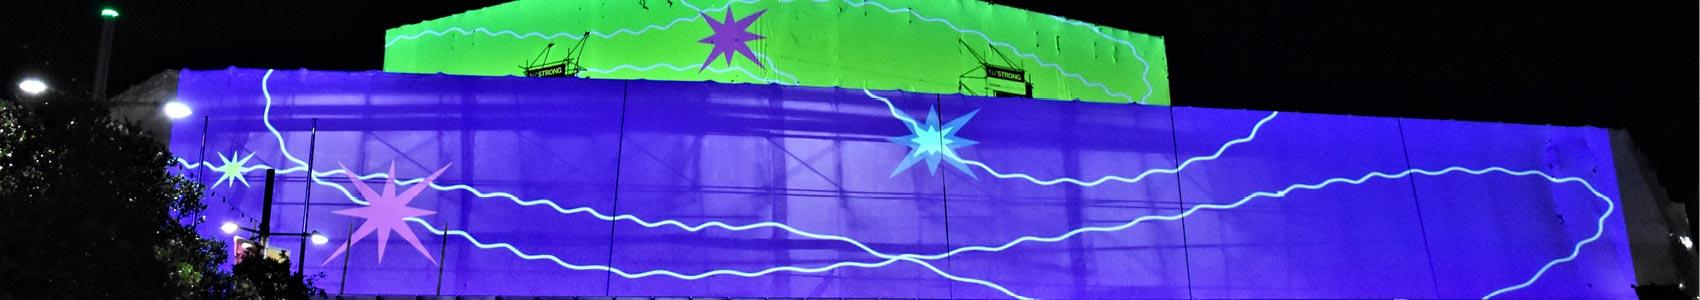 Aotea Centre Wrap